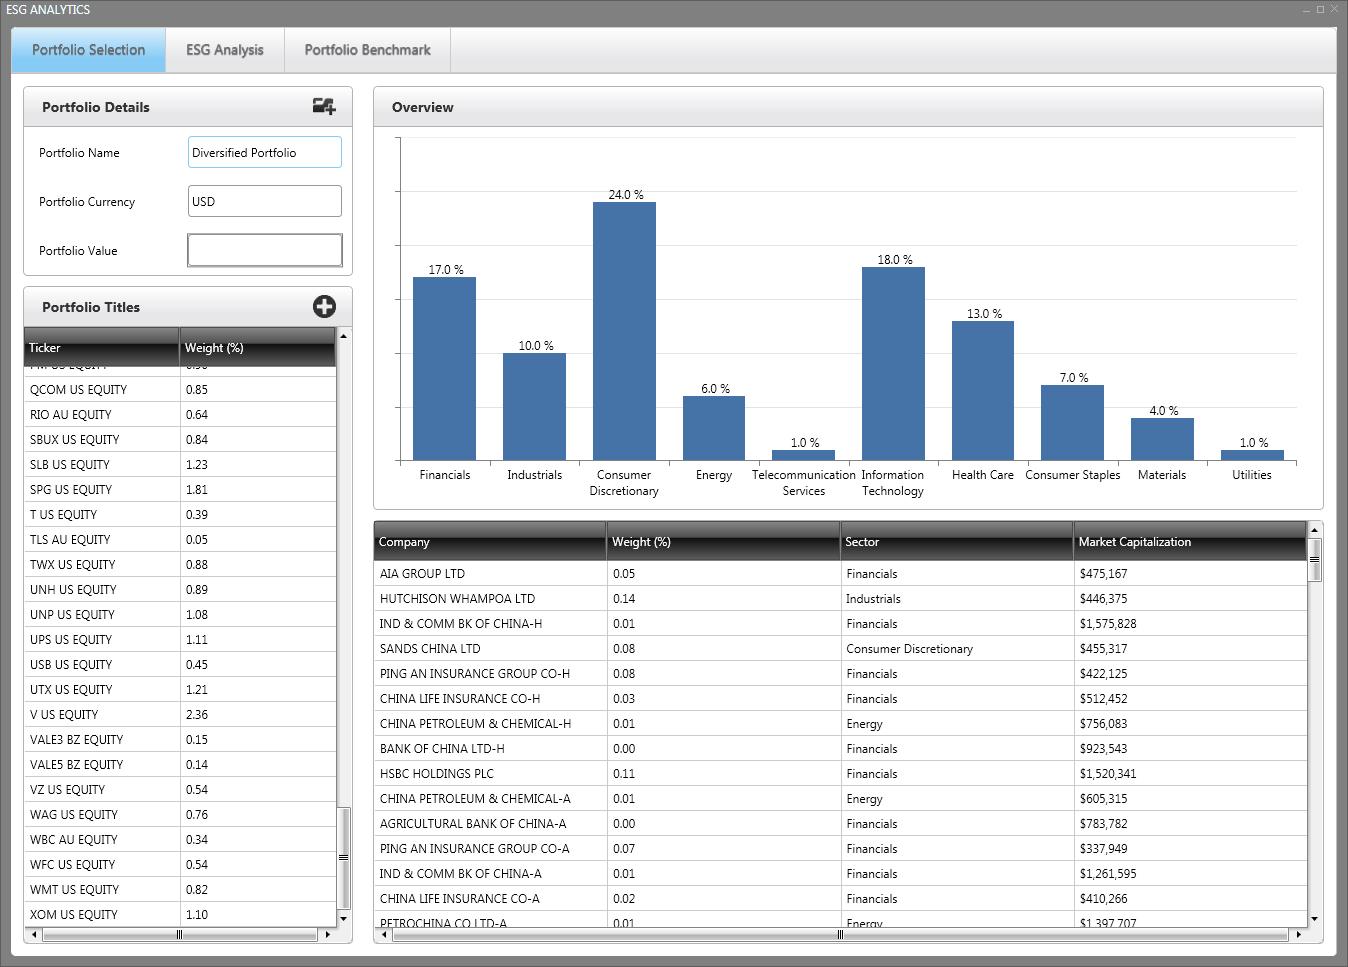 ESG_Analytics_App_Portfolio.jpg